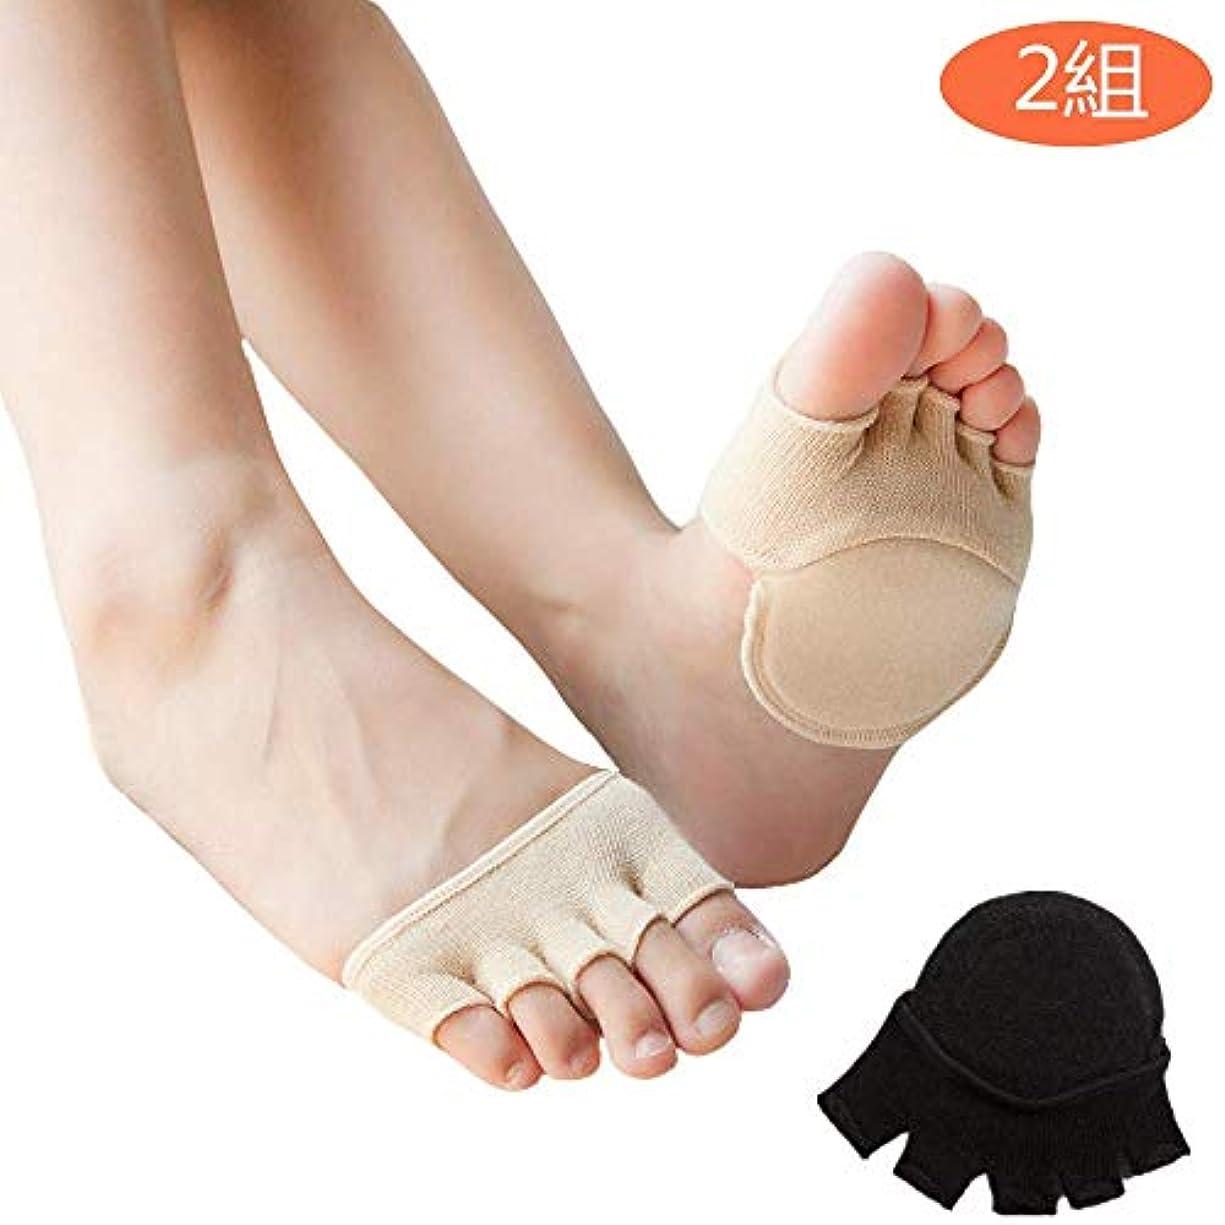 華氏ブロー適切につま先 5本指 足底クッション付き 前足サポーター 足の臭い対策 フットカバー ヨガ用靴下 浅い靴下半分つま先 夏 超薄型 (2組)